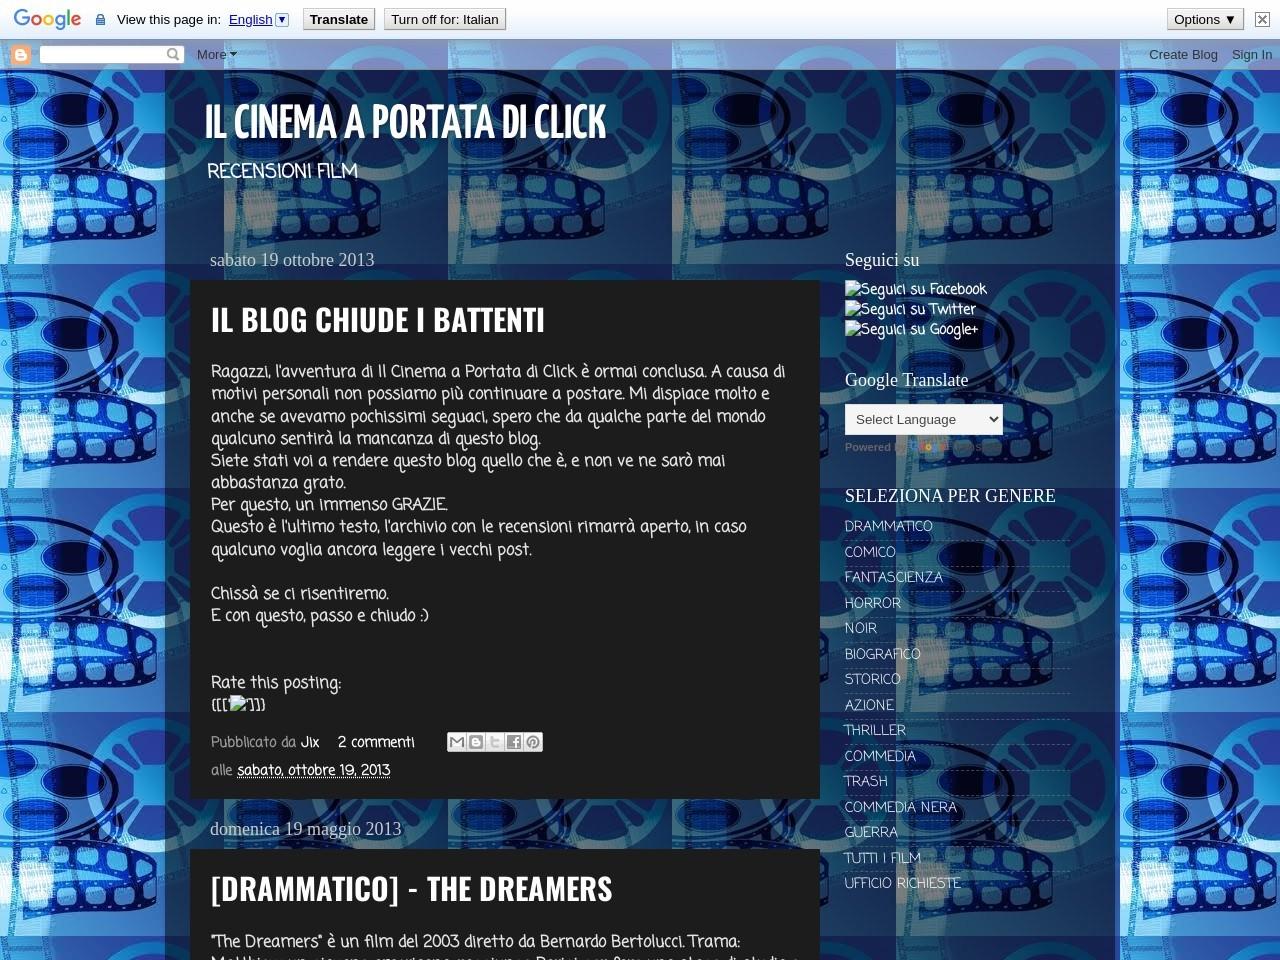 il-cinema-a-portata-di-click